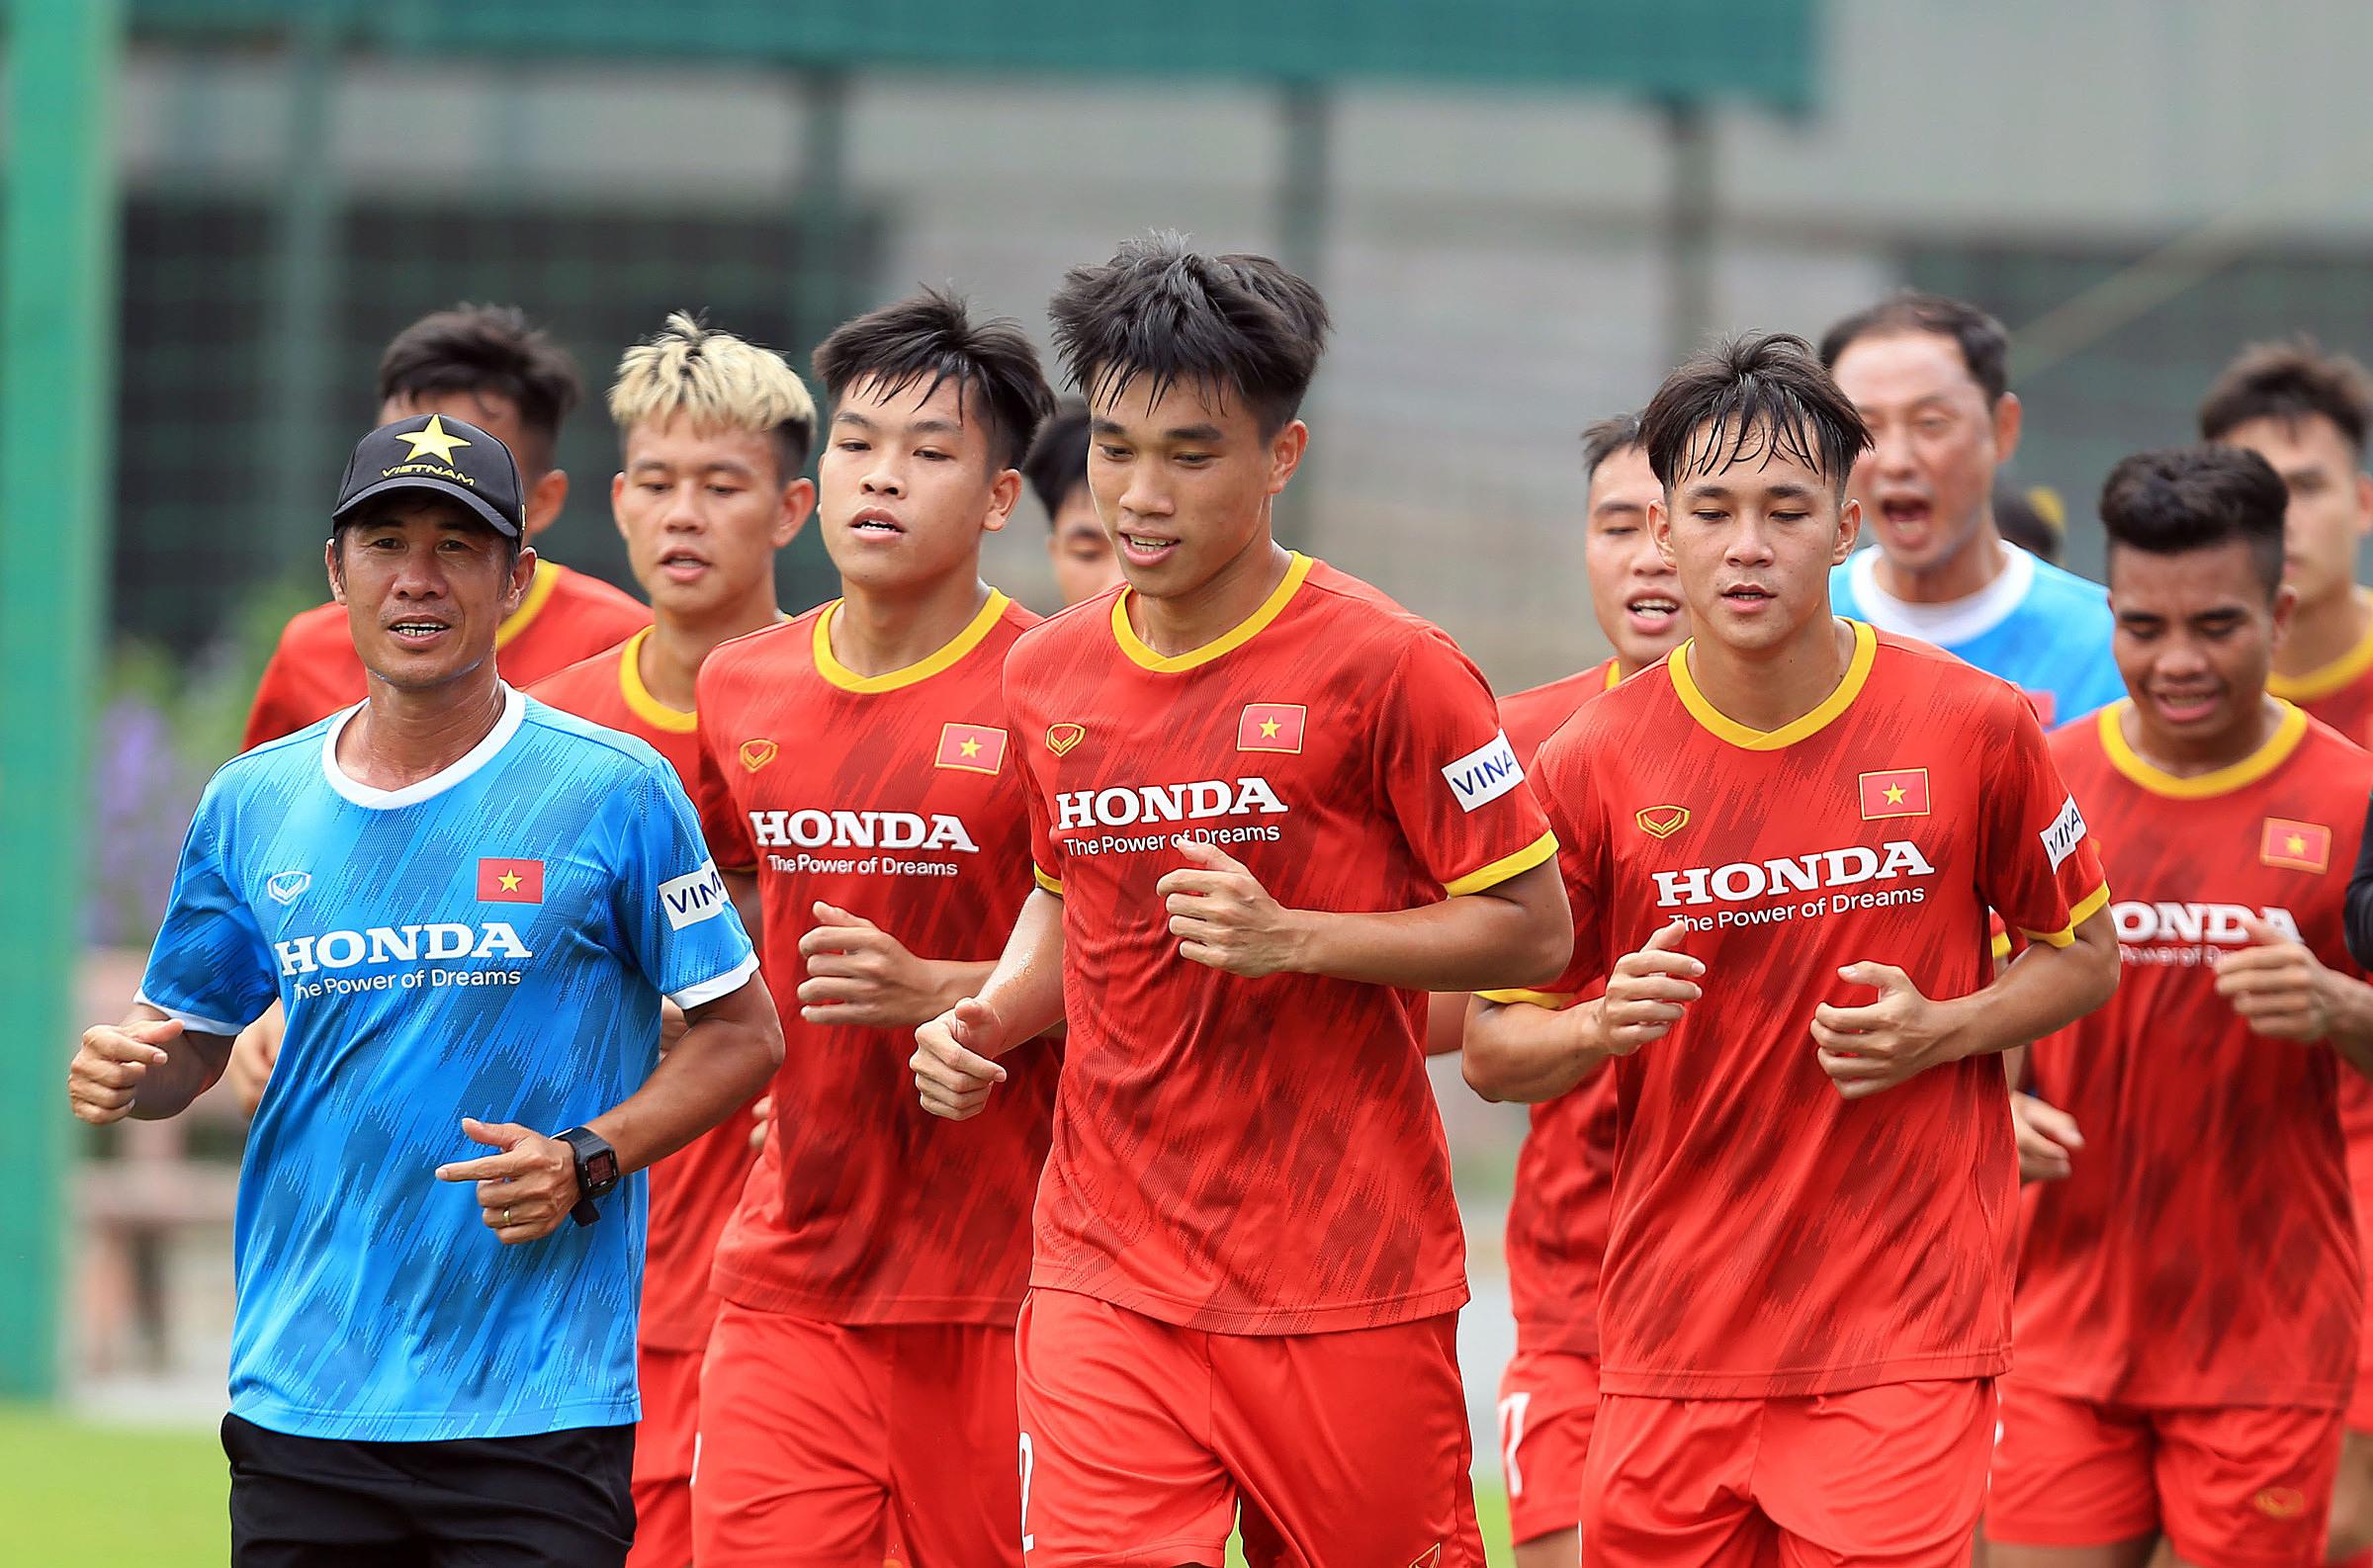 Đội U23 Việt Nam bước vào những cuộc thử lửa quan trọng trước khi tham dự vòng loại U23 châu Á.